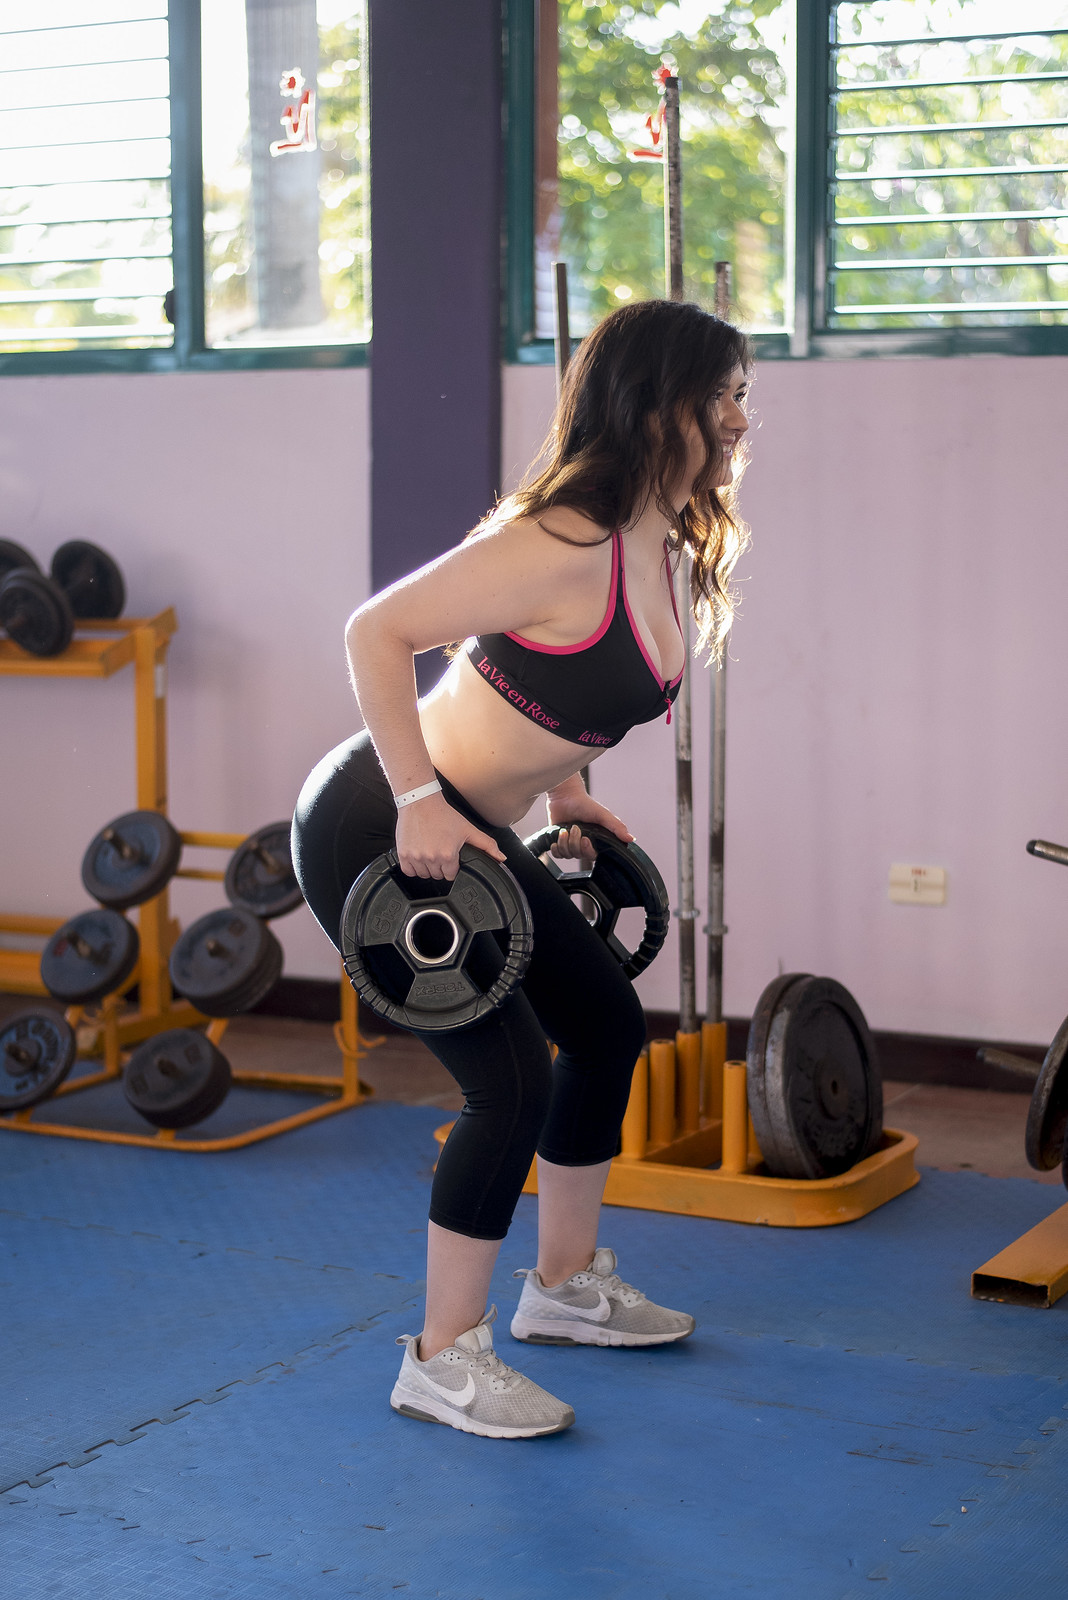 Marie-Chloé Falardeau brassieres de sport poids cuba